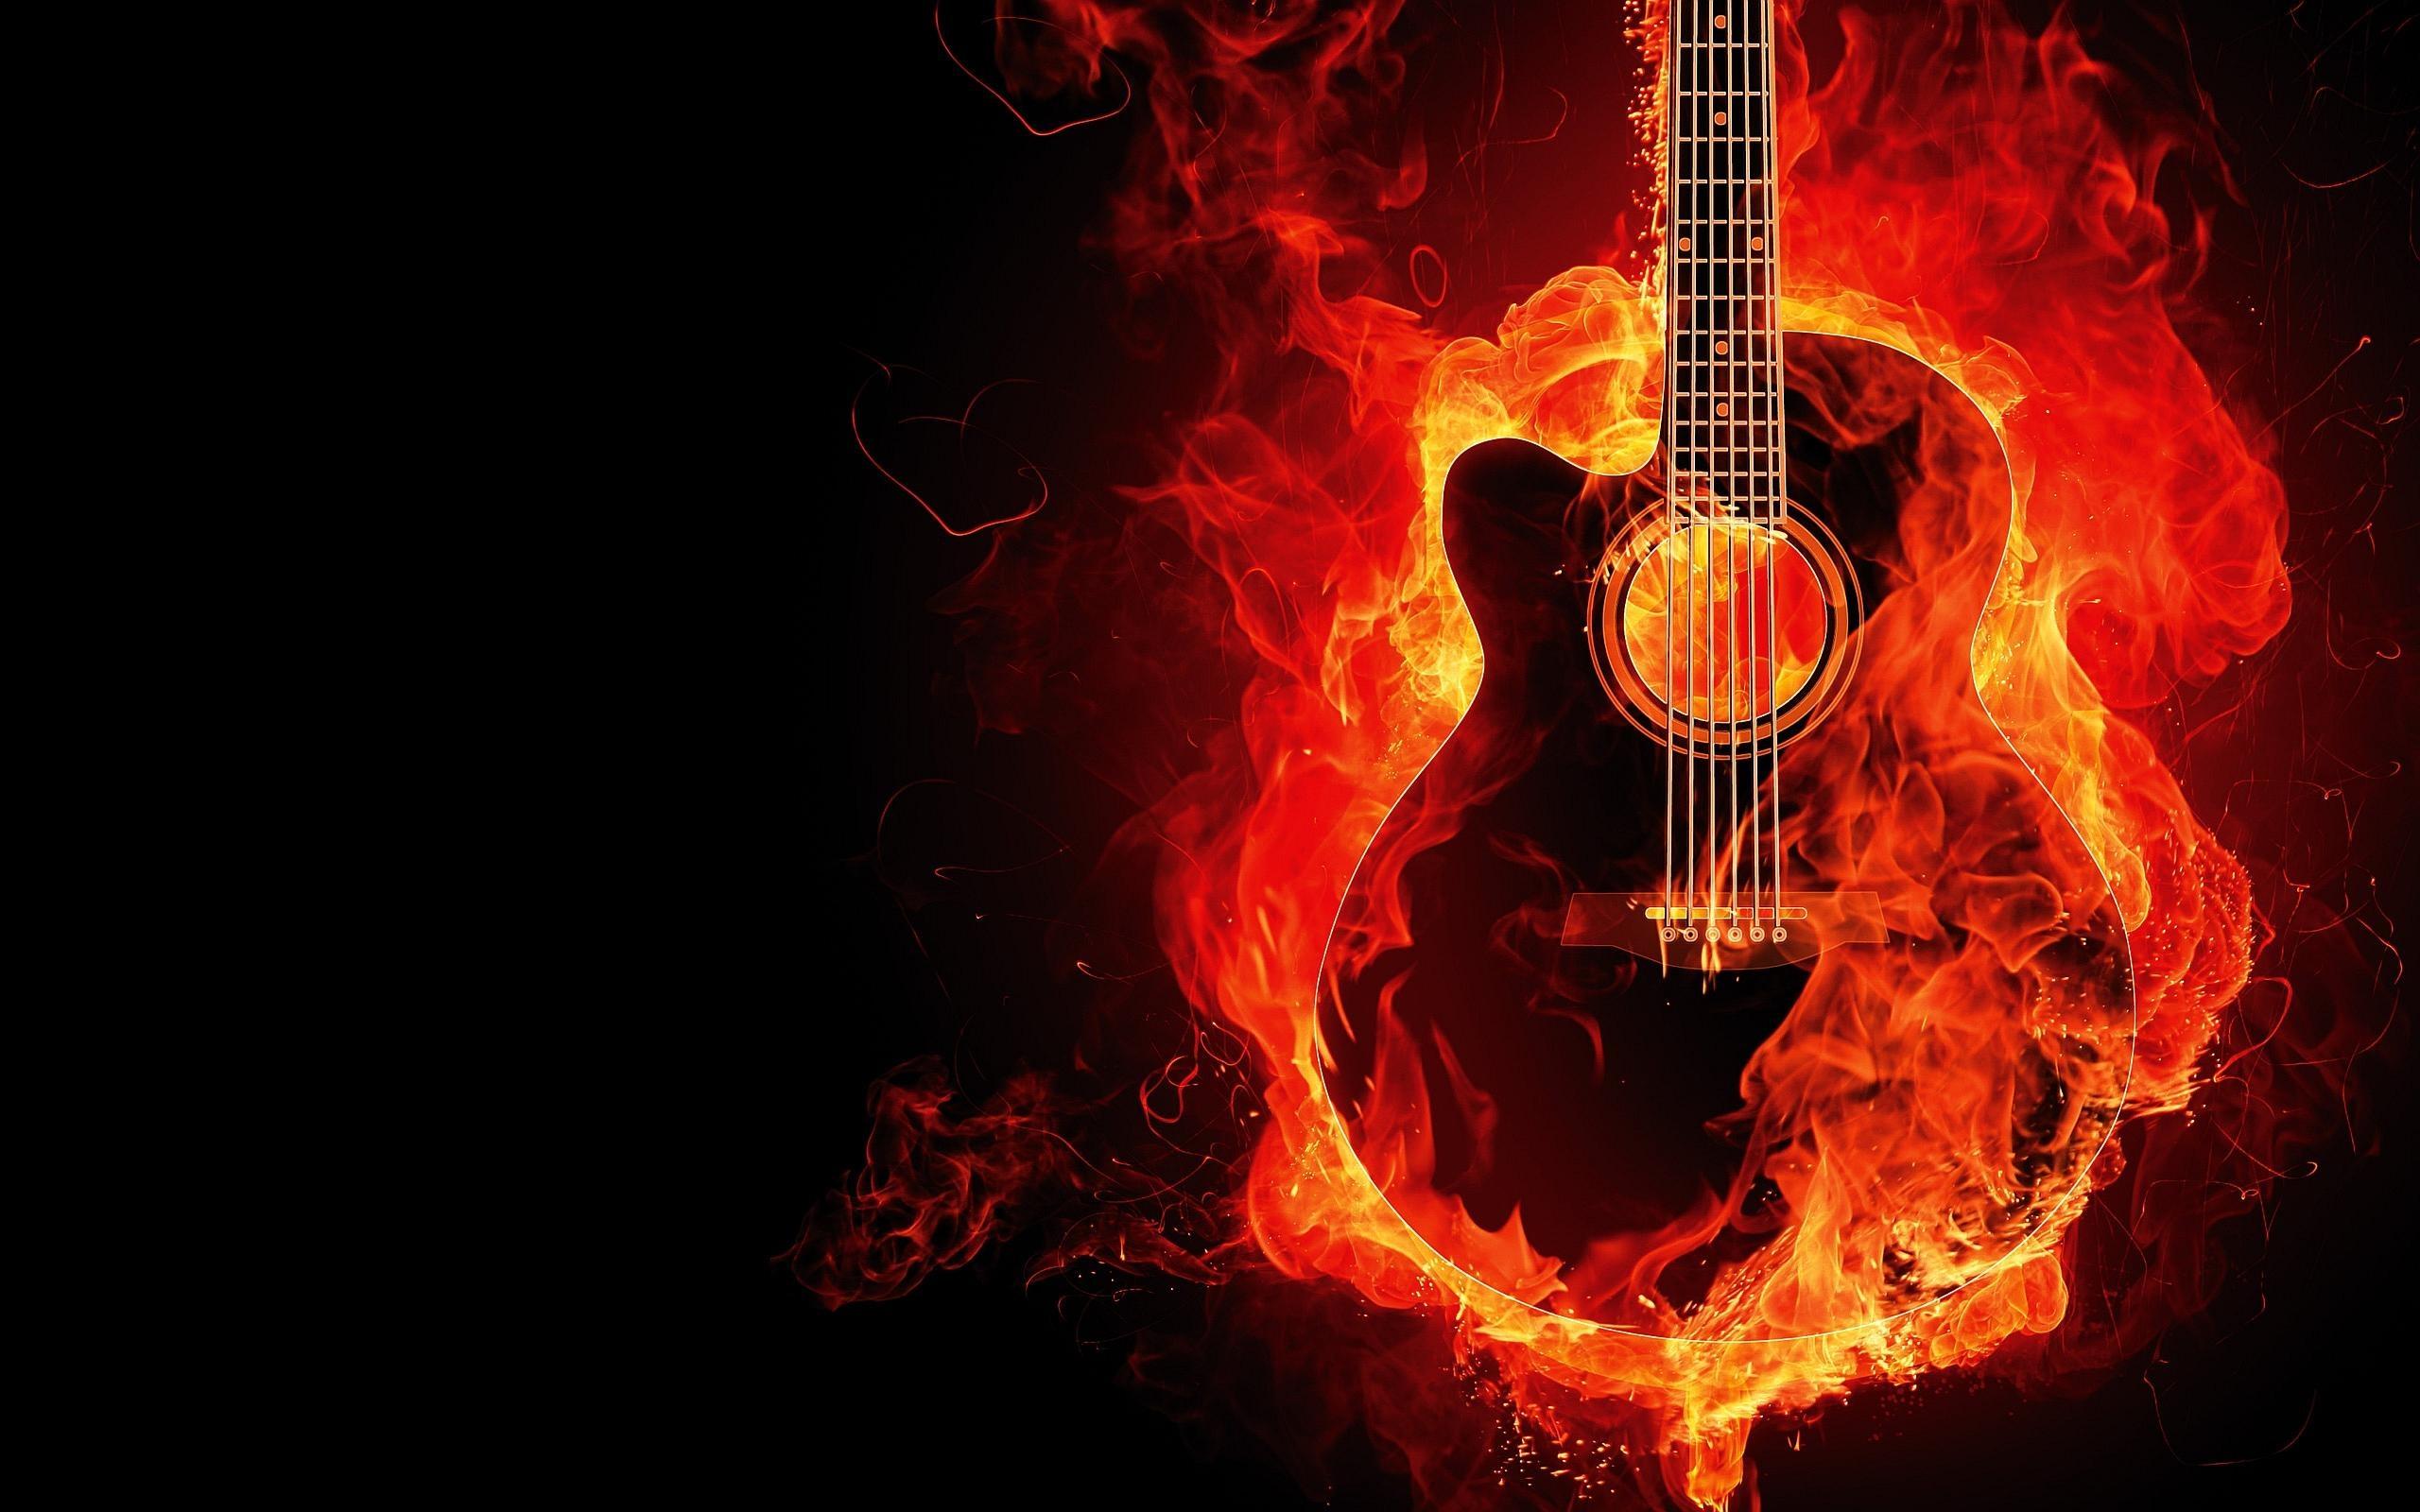 無料画像 オレンジ 火炎 火災 燃えるギター フォント 図